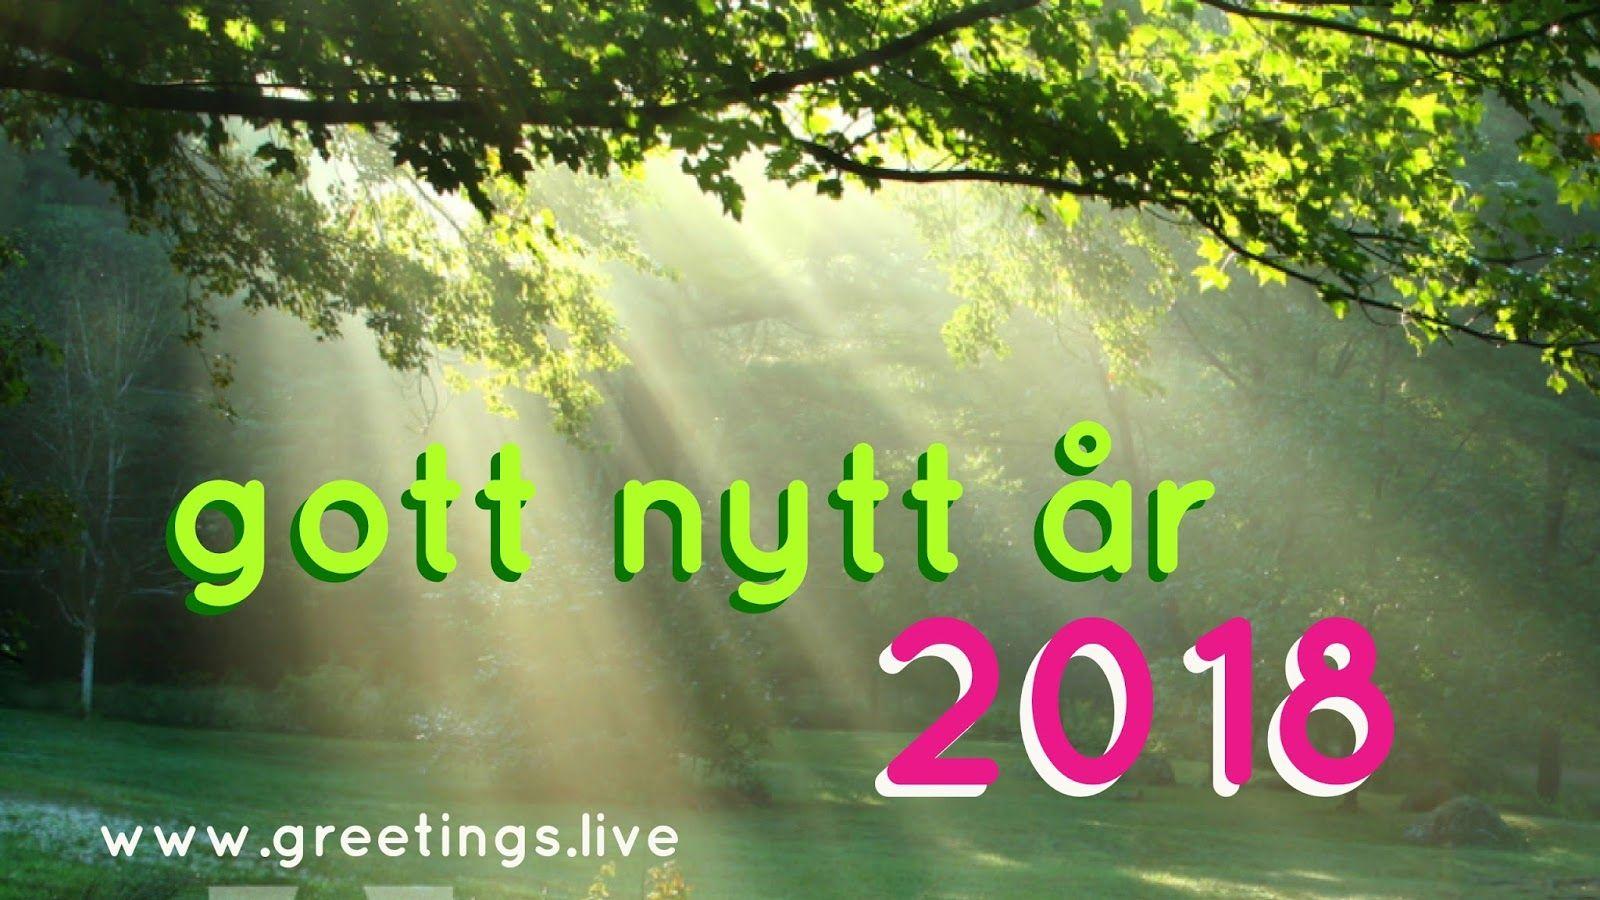 Exceptional Happy New Year (English) U003d Gott Nytt år ( Swedish )